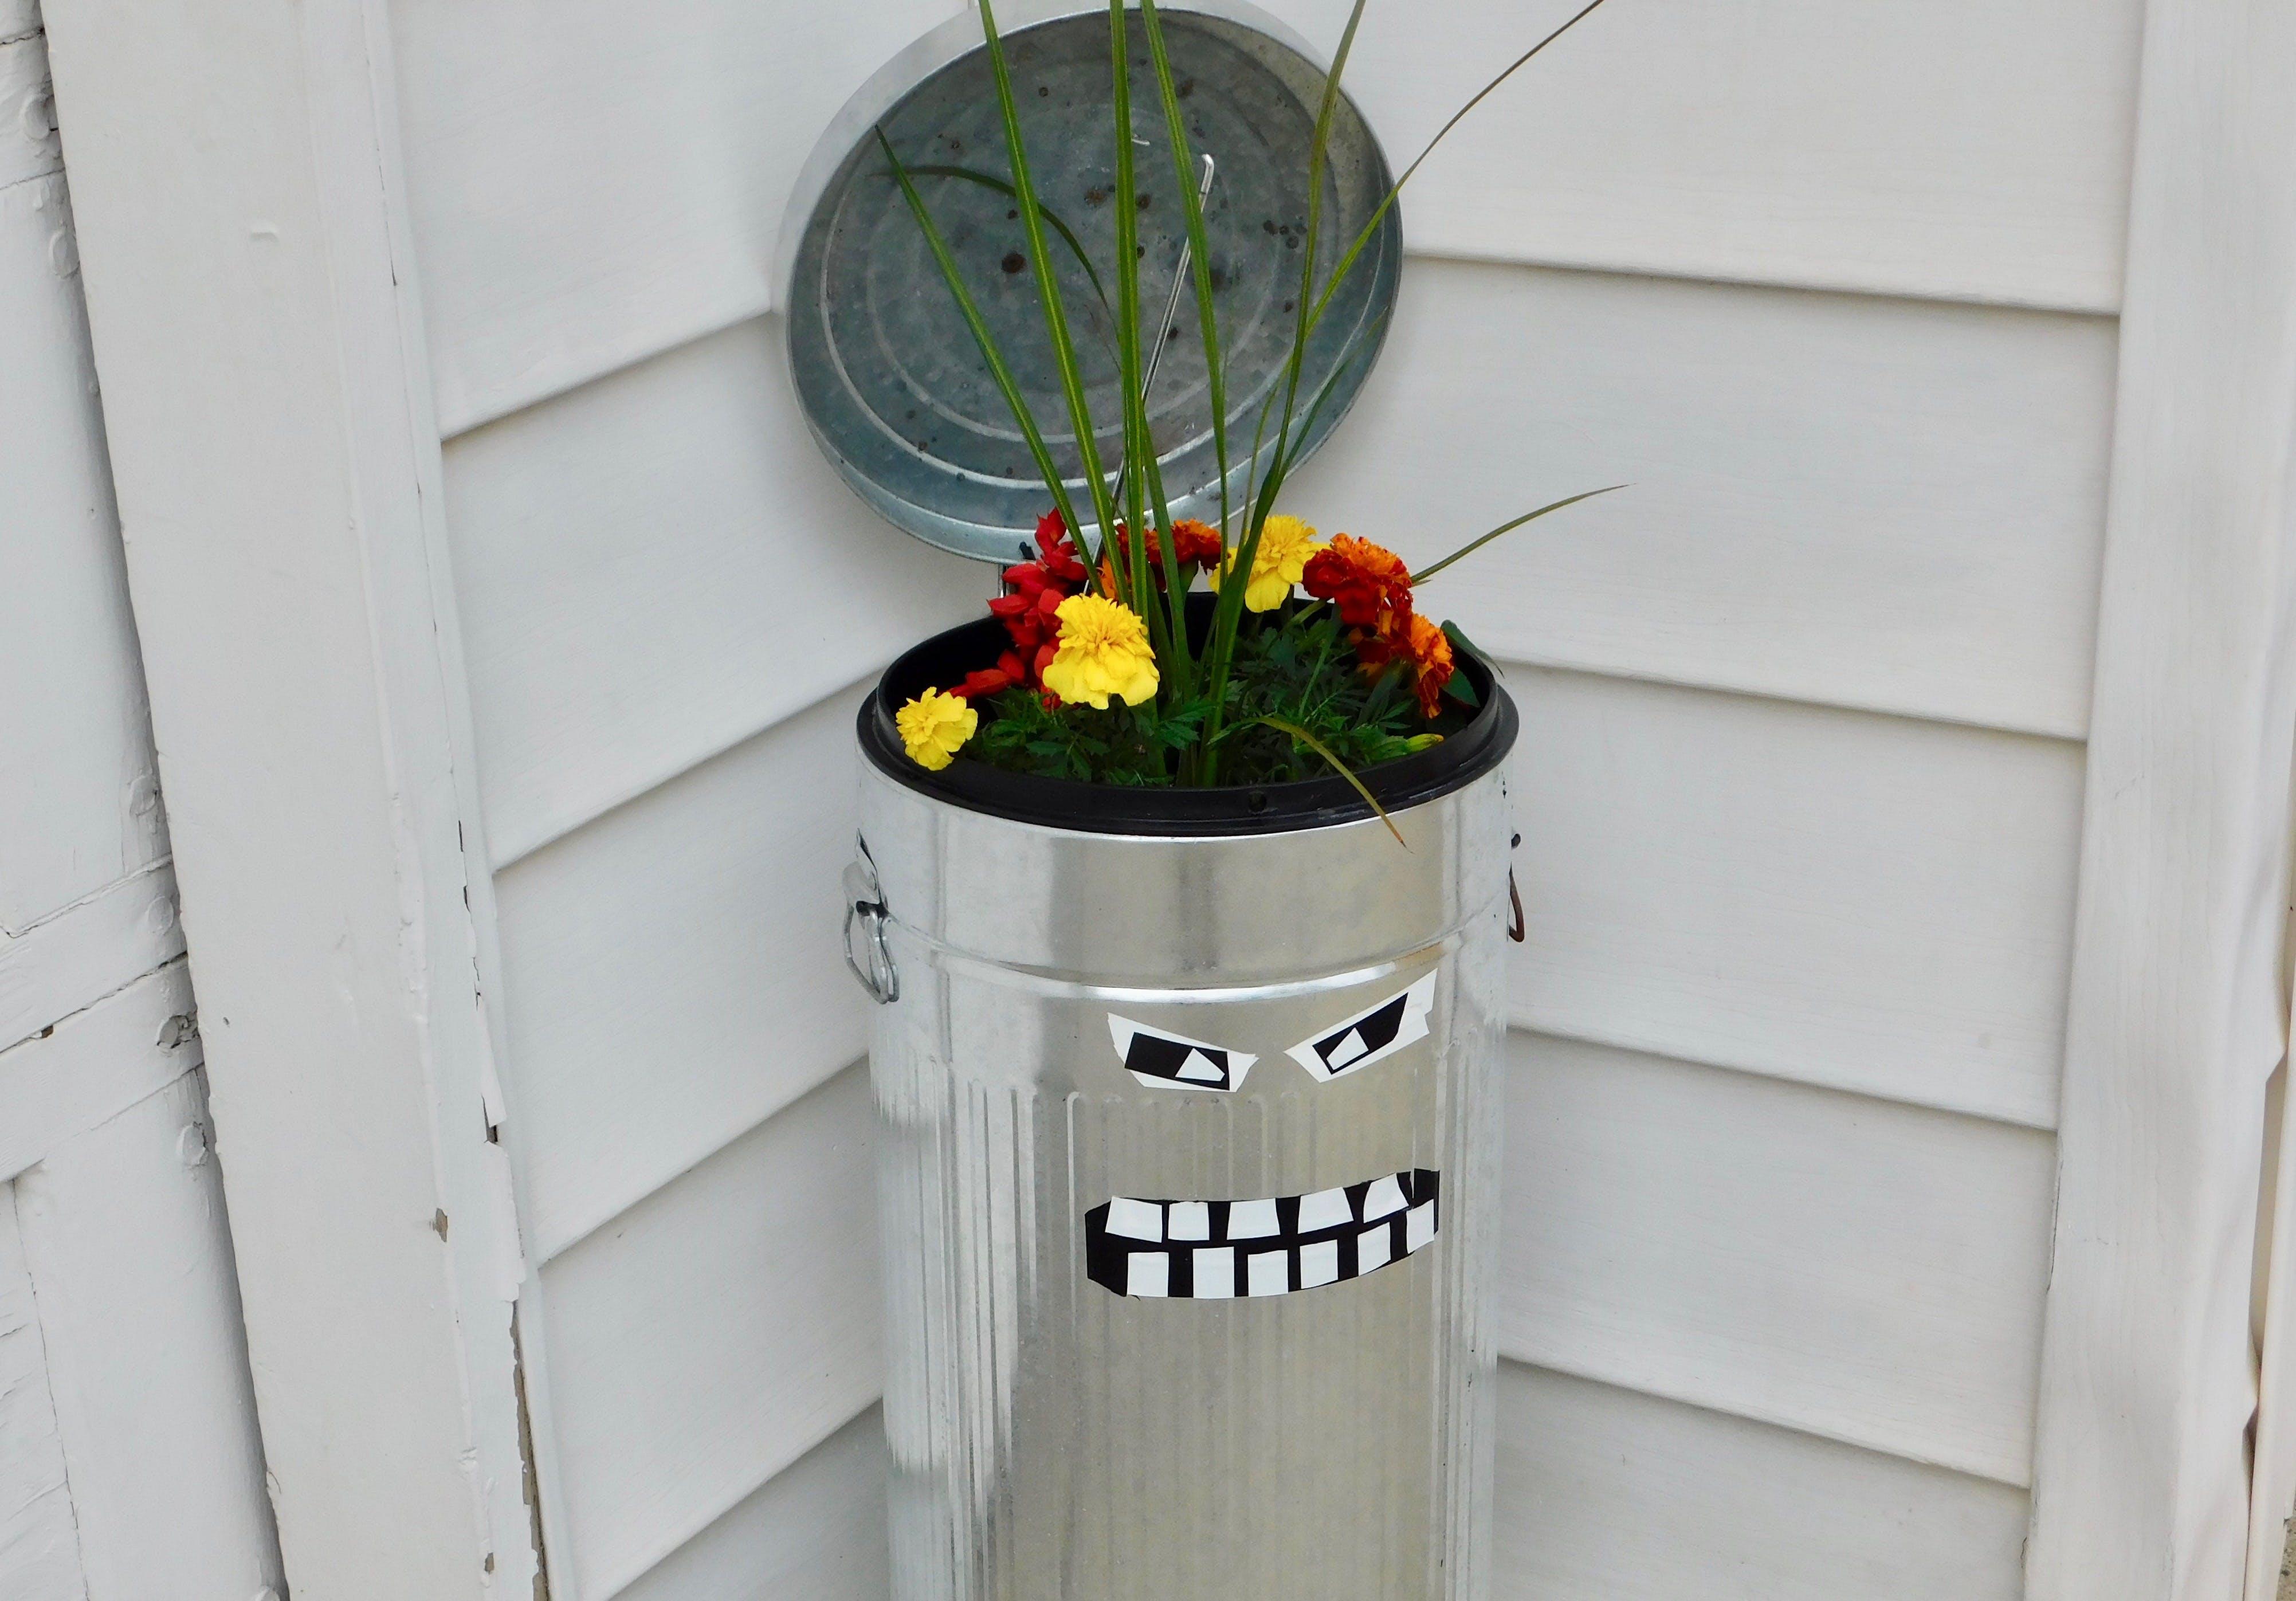 Fotos de stock gratuitas de hace una gran cama de flores, un viejo bote de basura